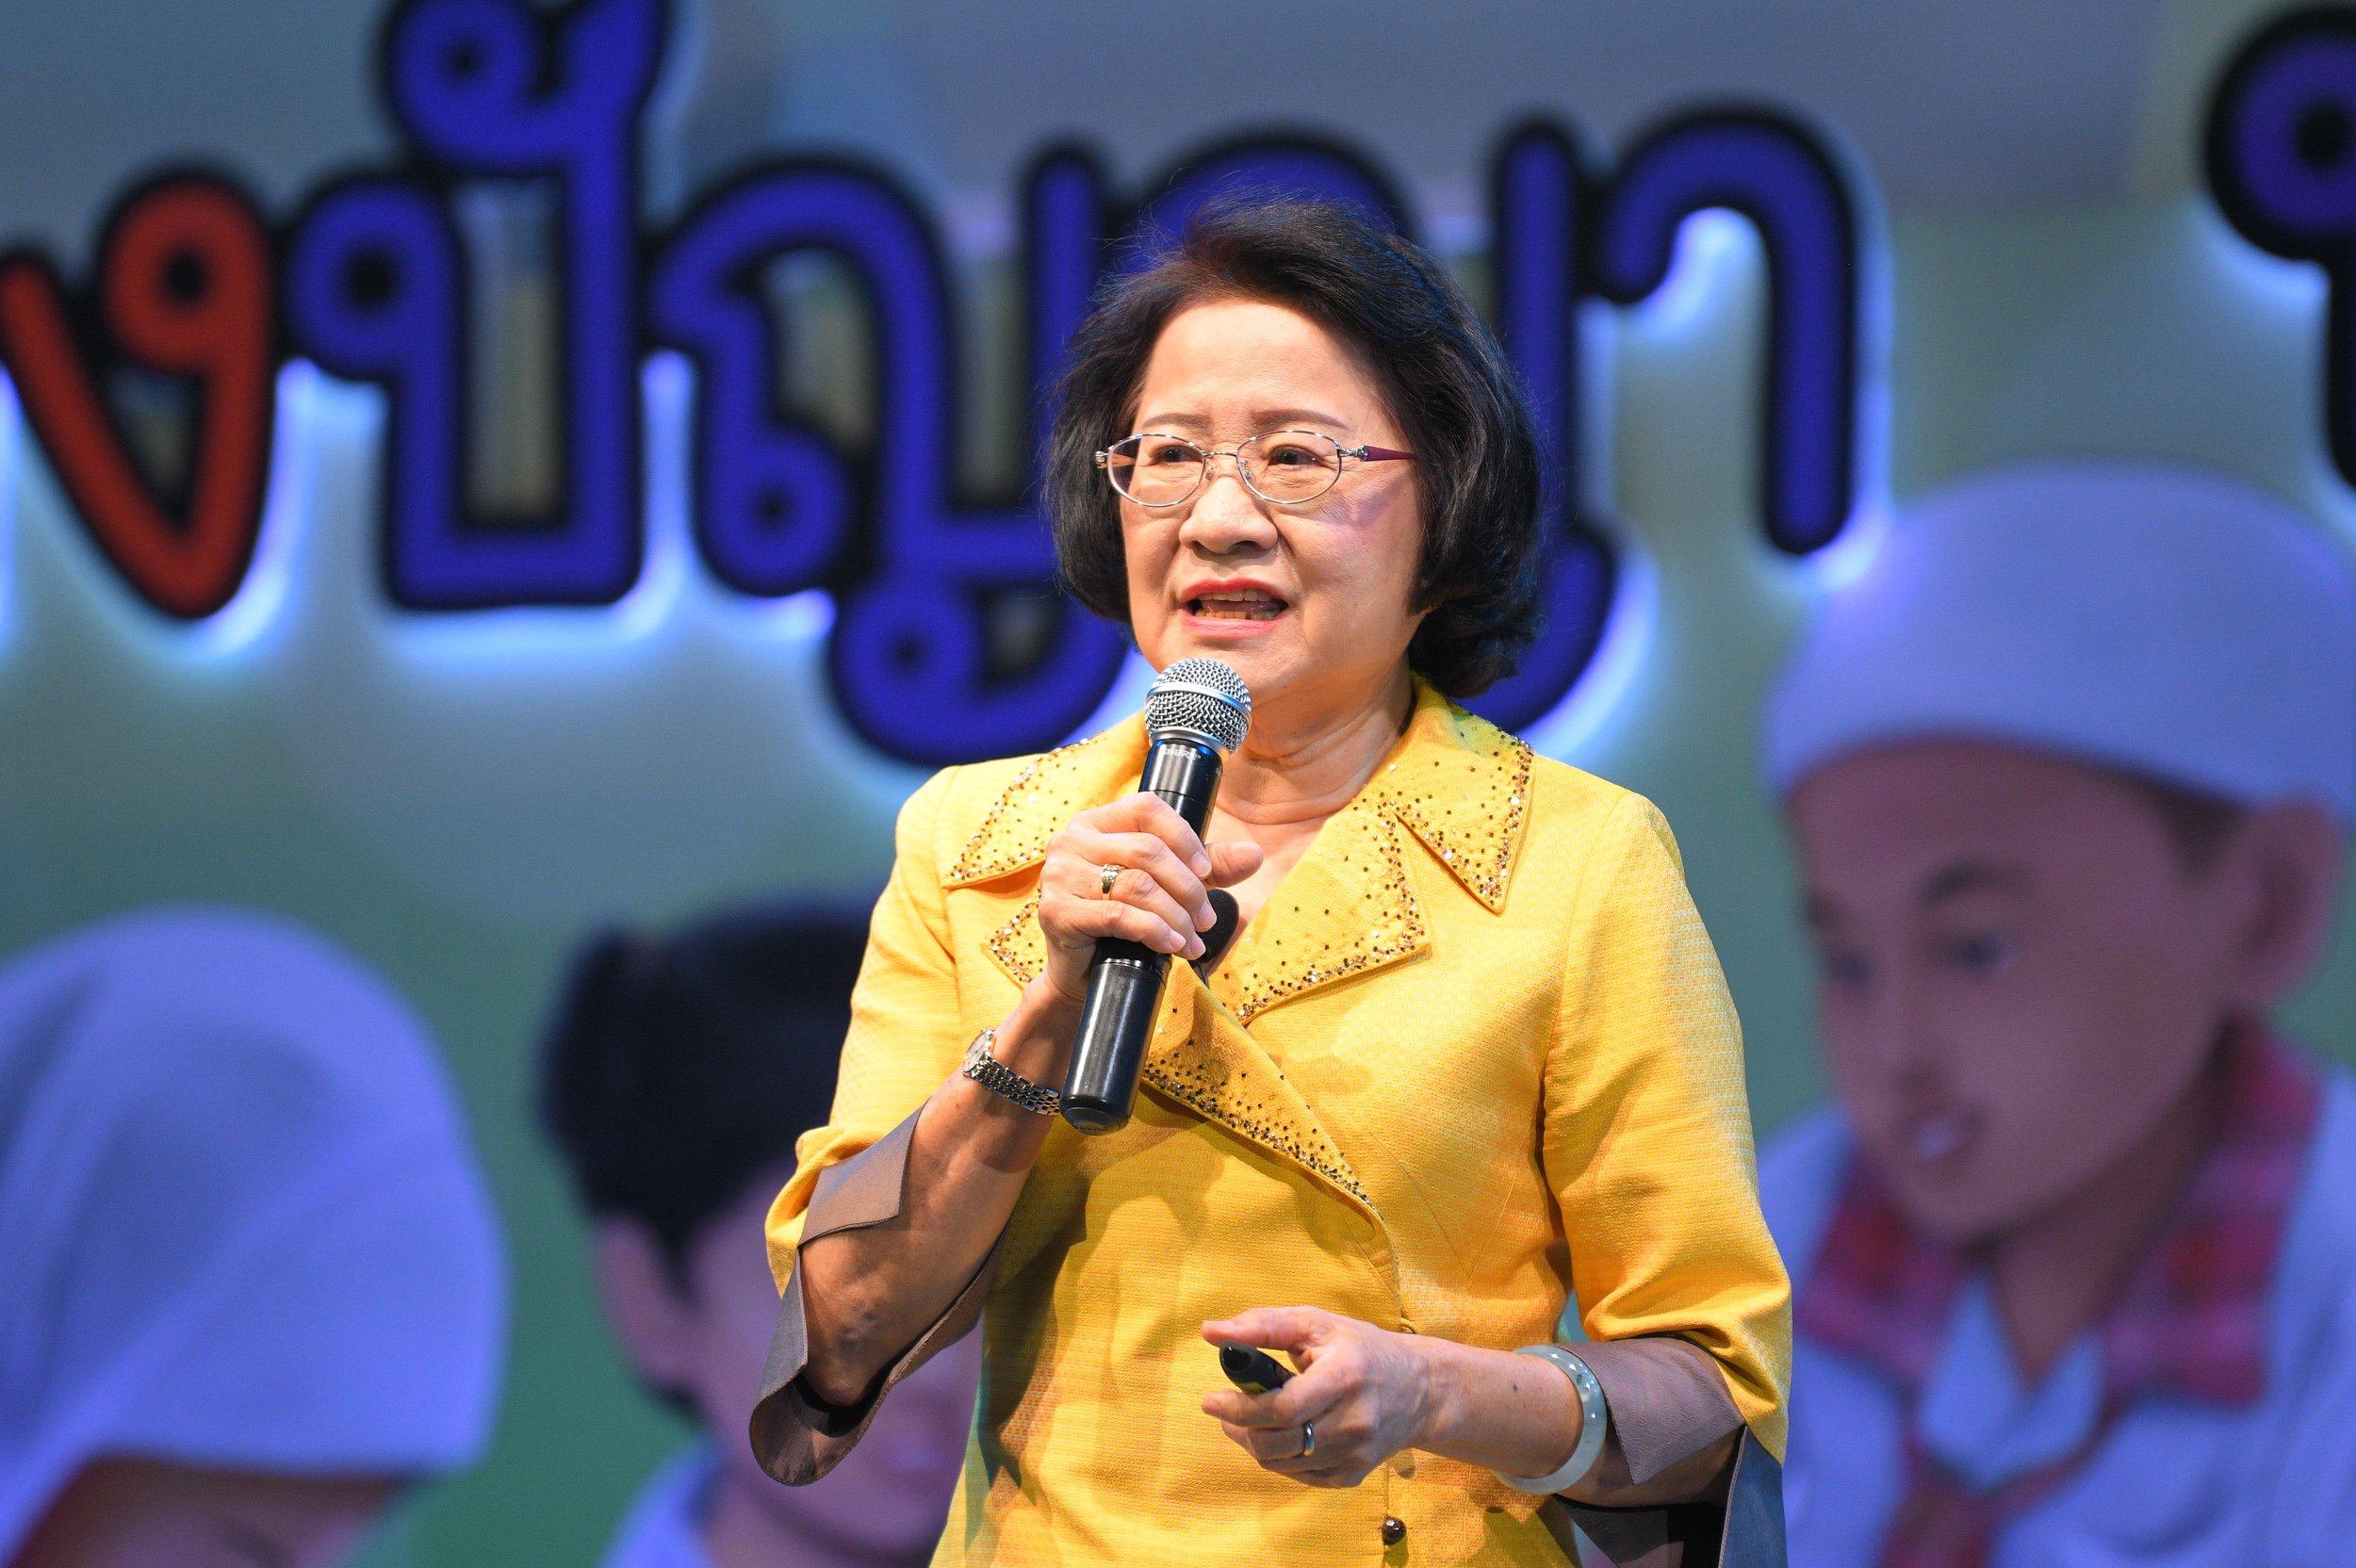 สสส.-เครือข่าย ประกาศเจตนารมณ์สร้างสุขภาวะเด็กไทย thaihealth